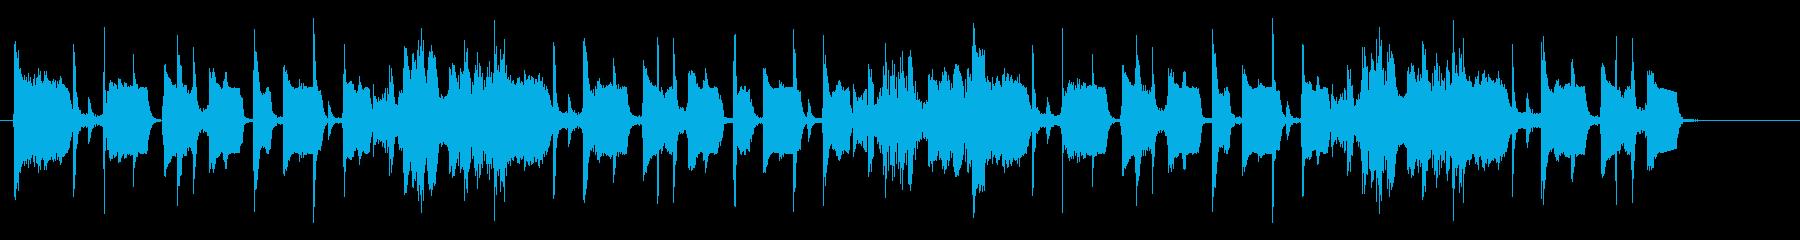 ヒップホップ楽器。催眠、スペーシー...の再生済みの波形